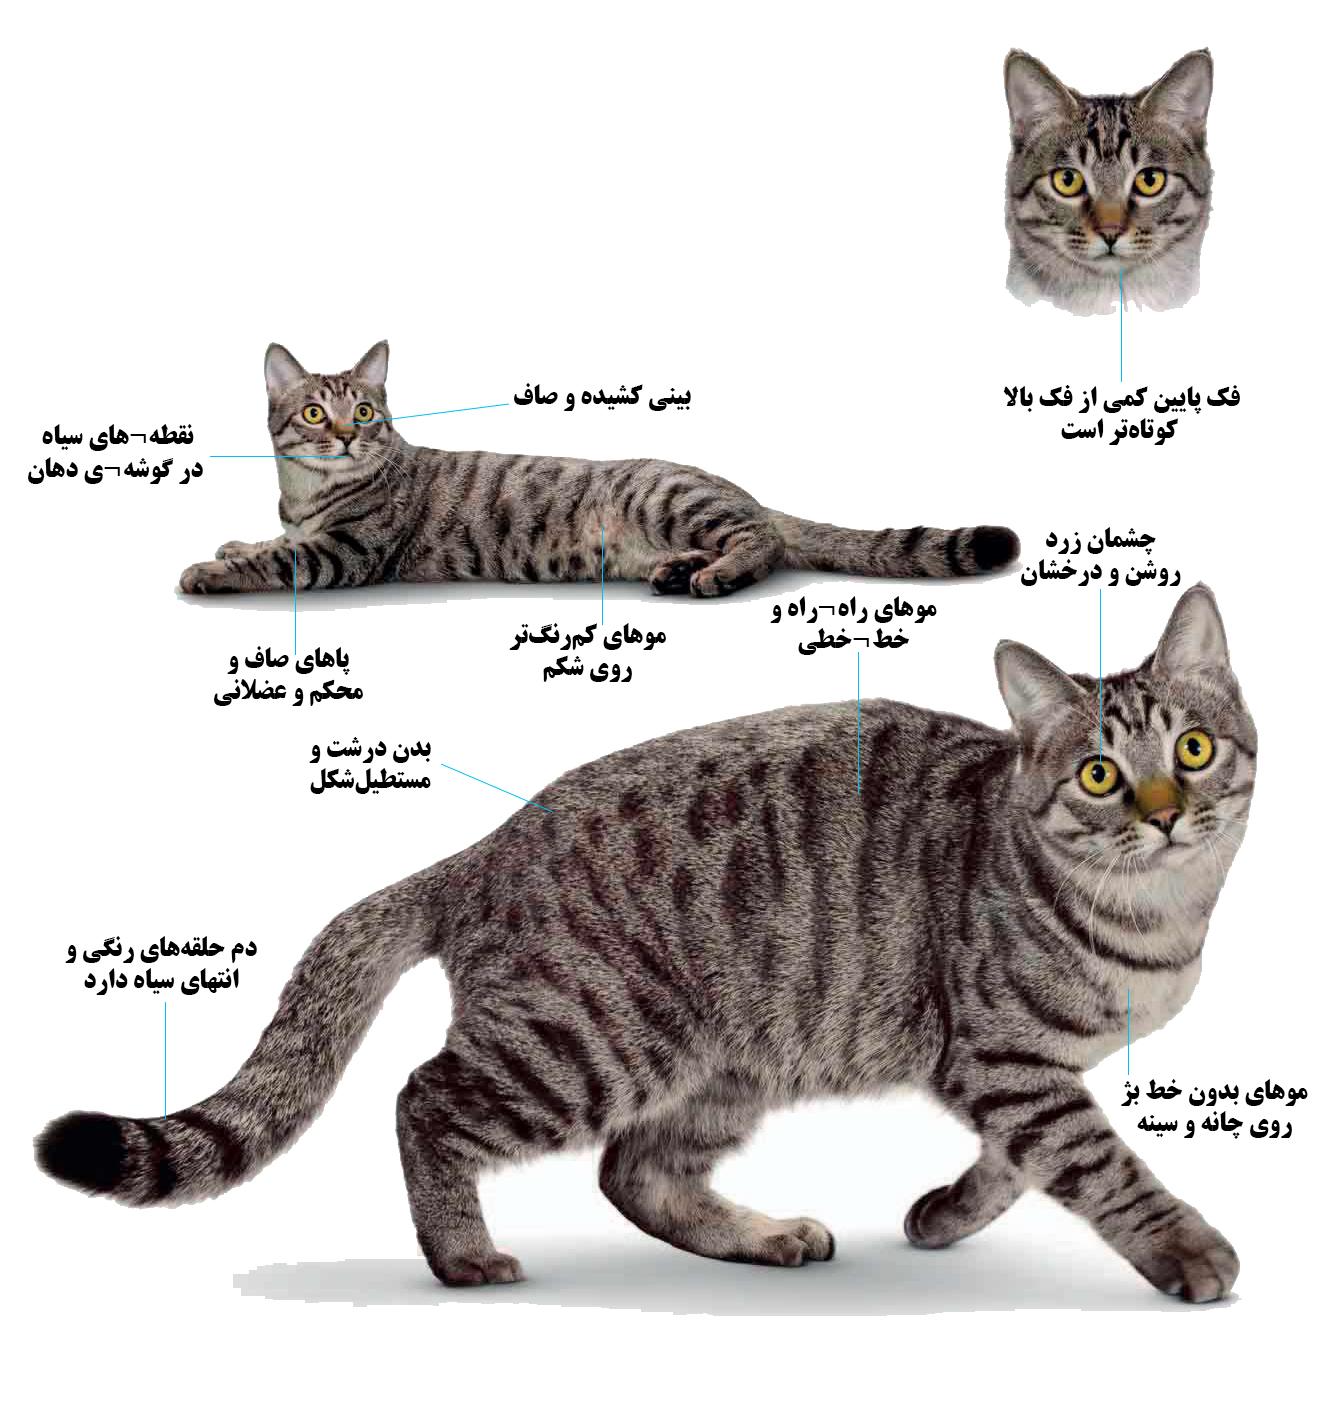 گربه نژاد لی هوئای